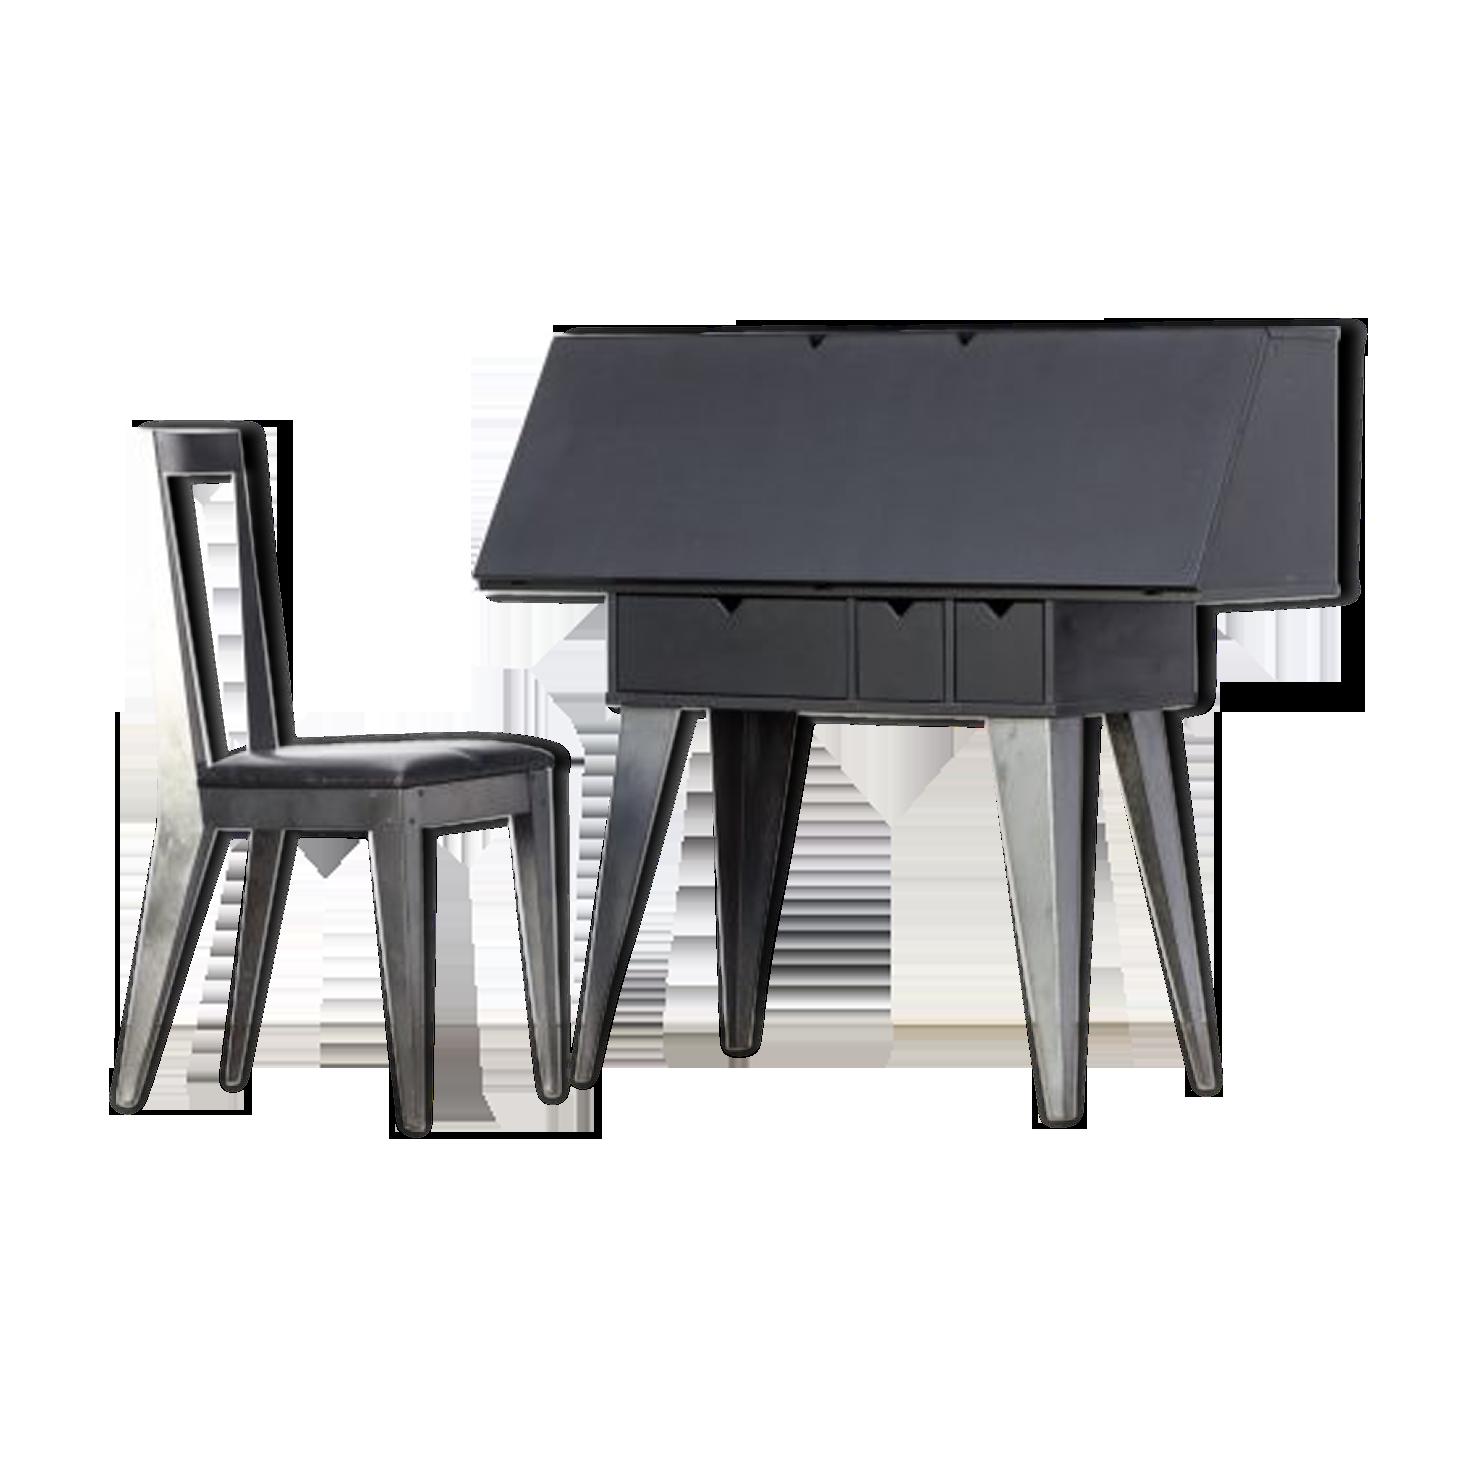 Bureau de tjord björklund et chaise pour ikea bois matériau